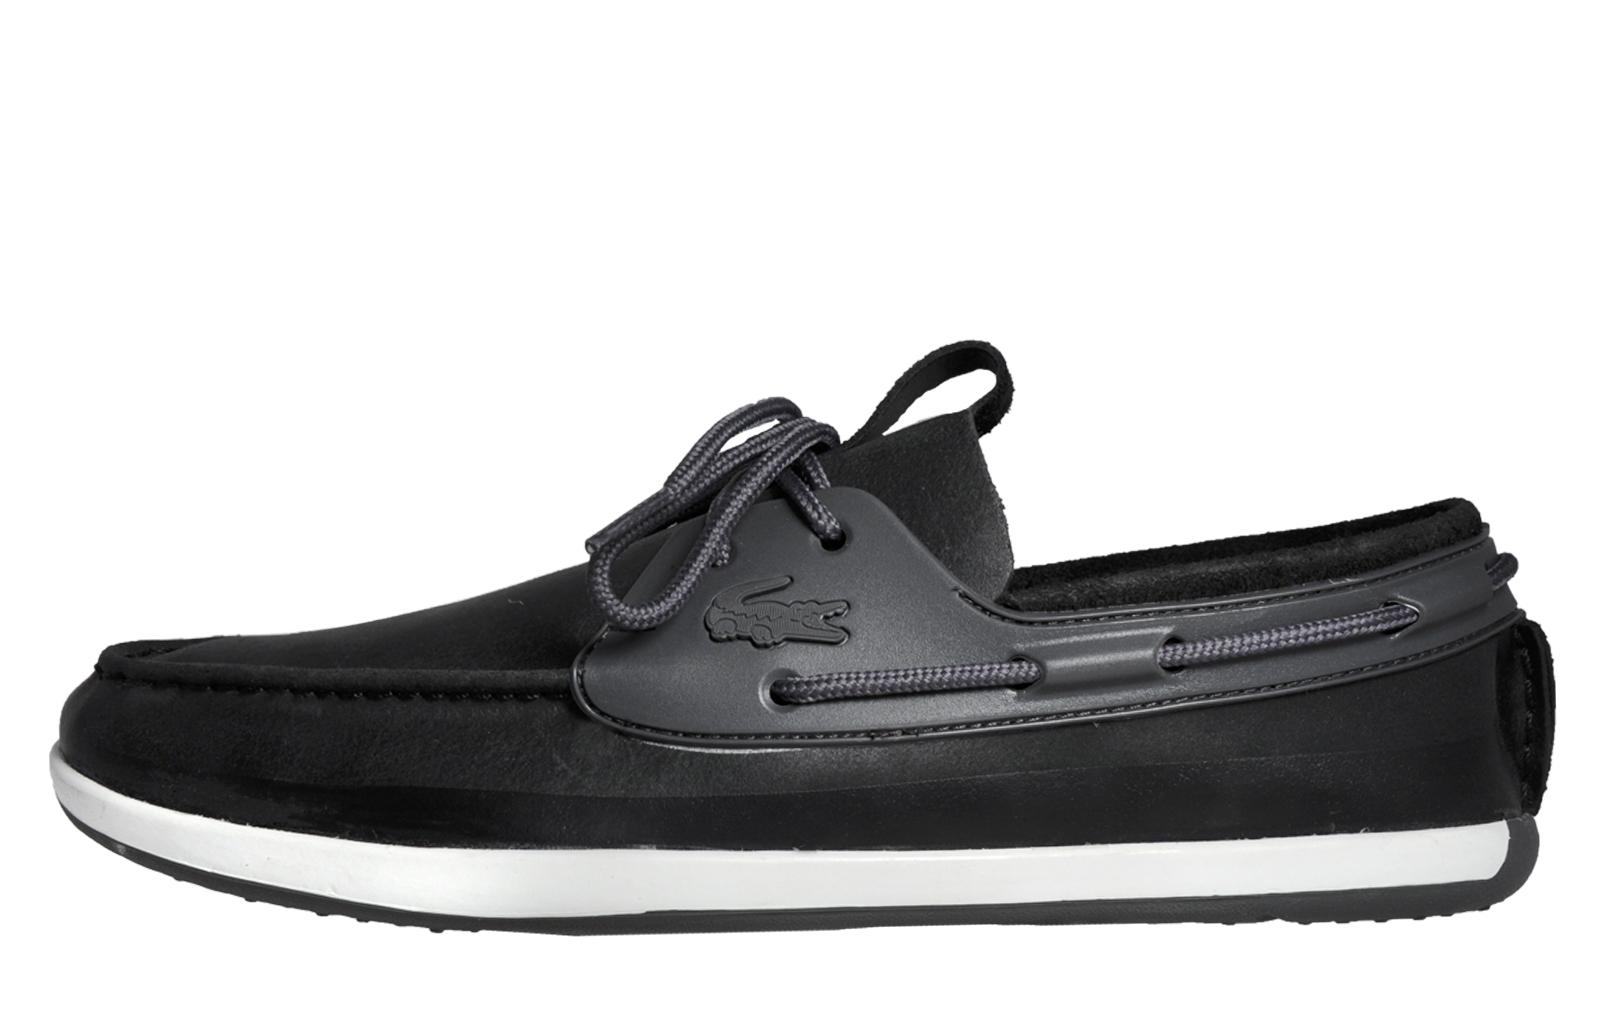 9bbc5049c9de Lacoste Landsailing 316 Mens Classic Casual Designer Leather Boat Shoes  Black